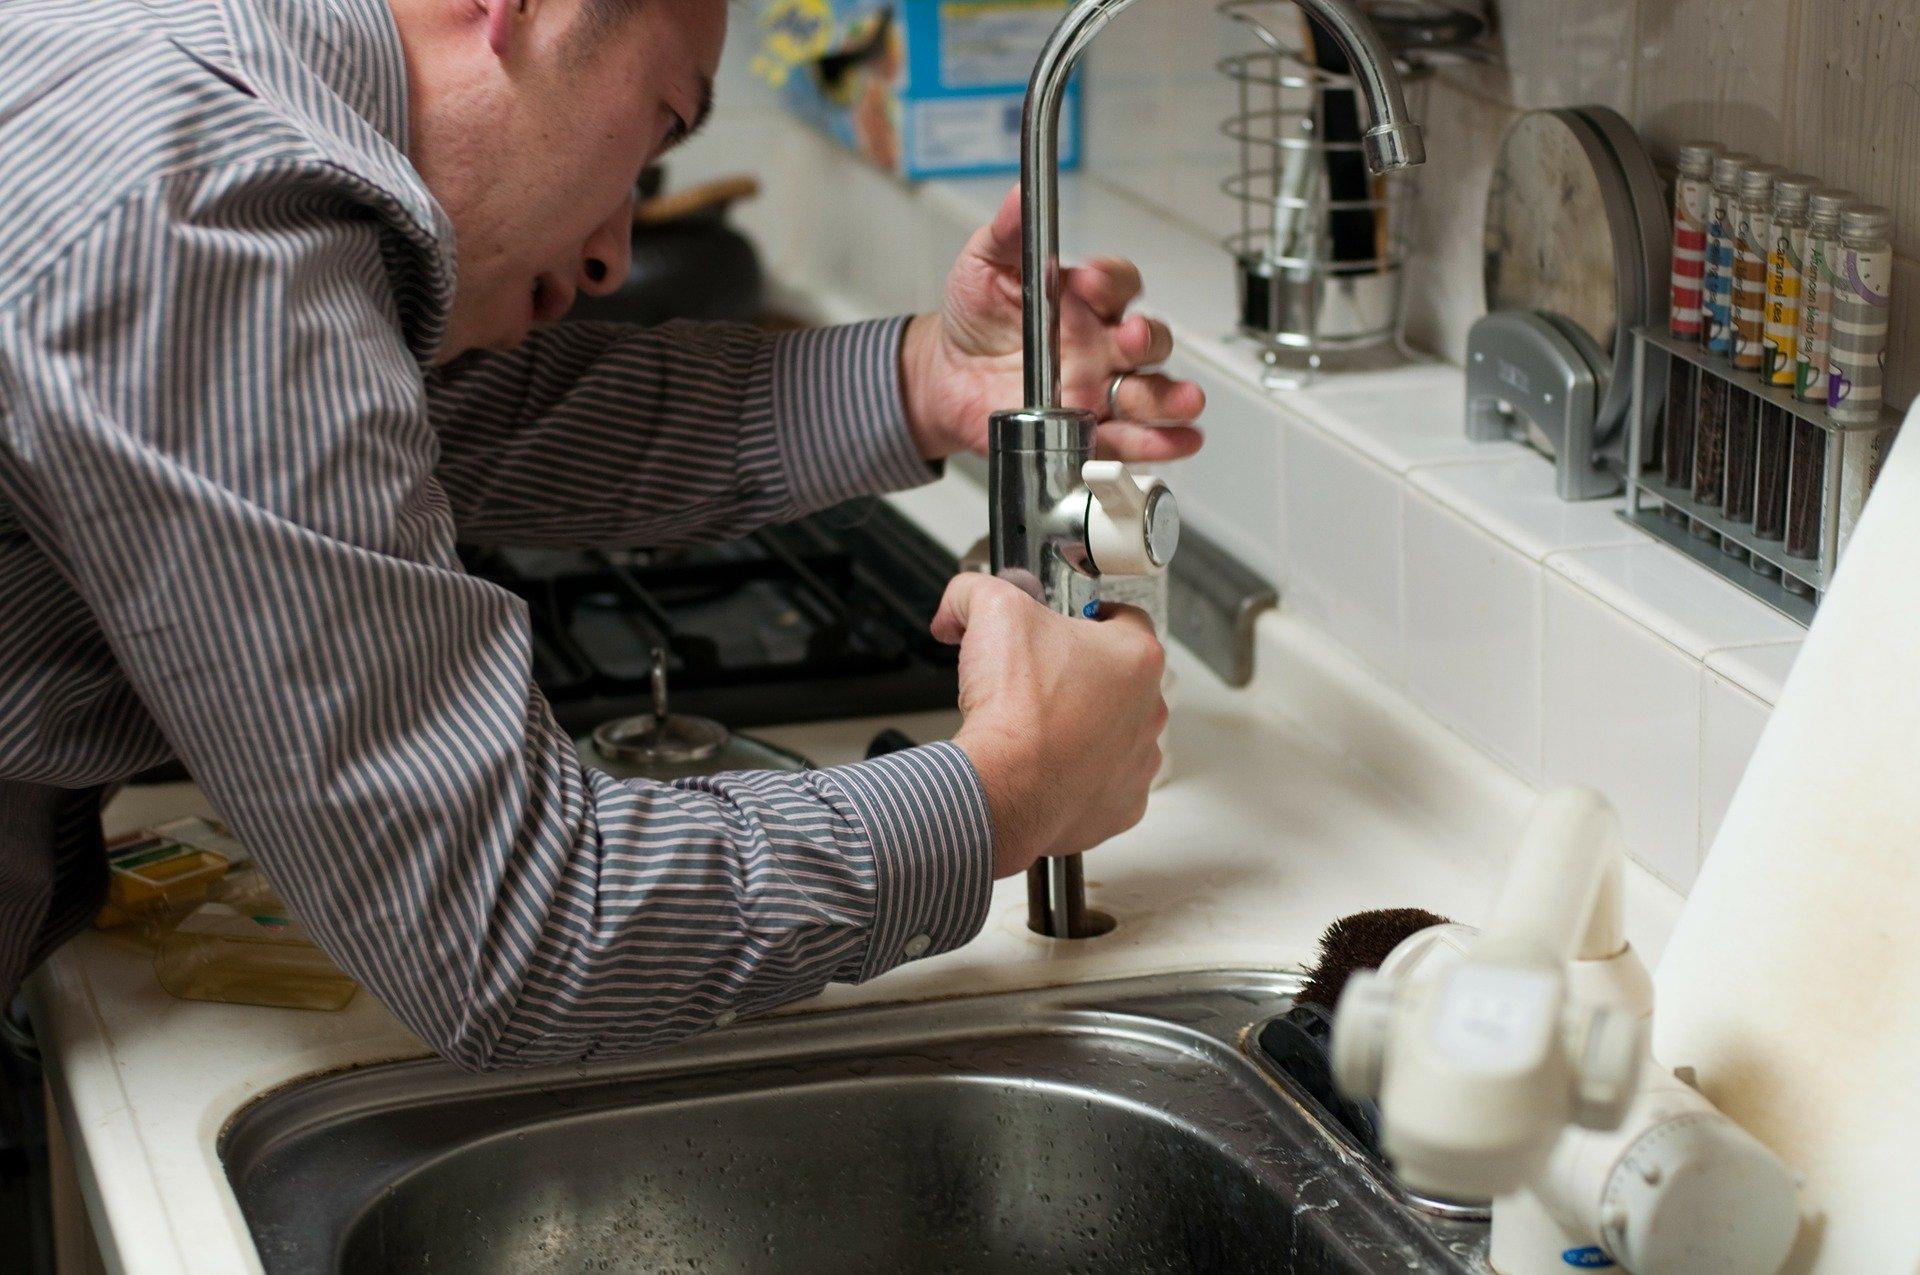 Comment gérer l'installation sanitaire ?